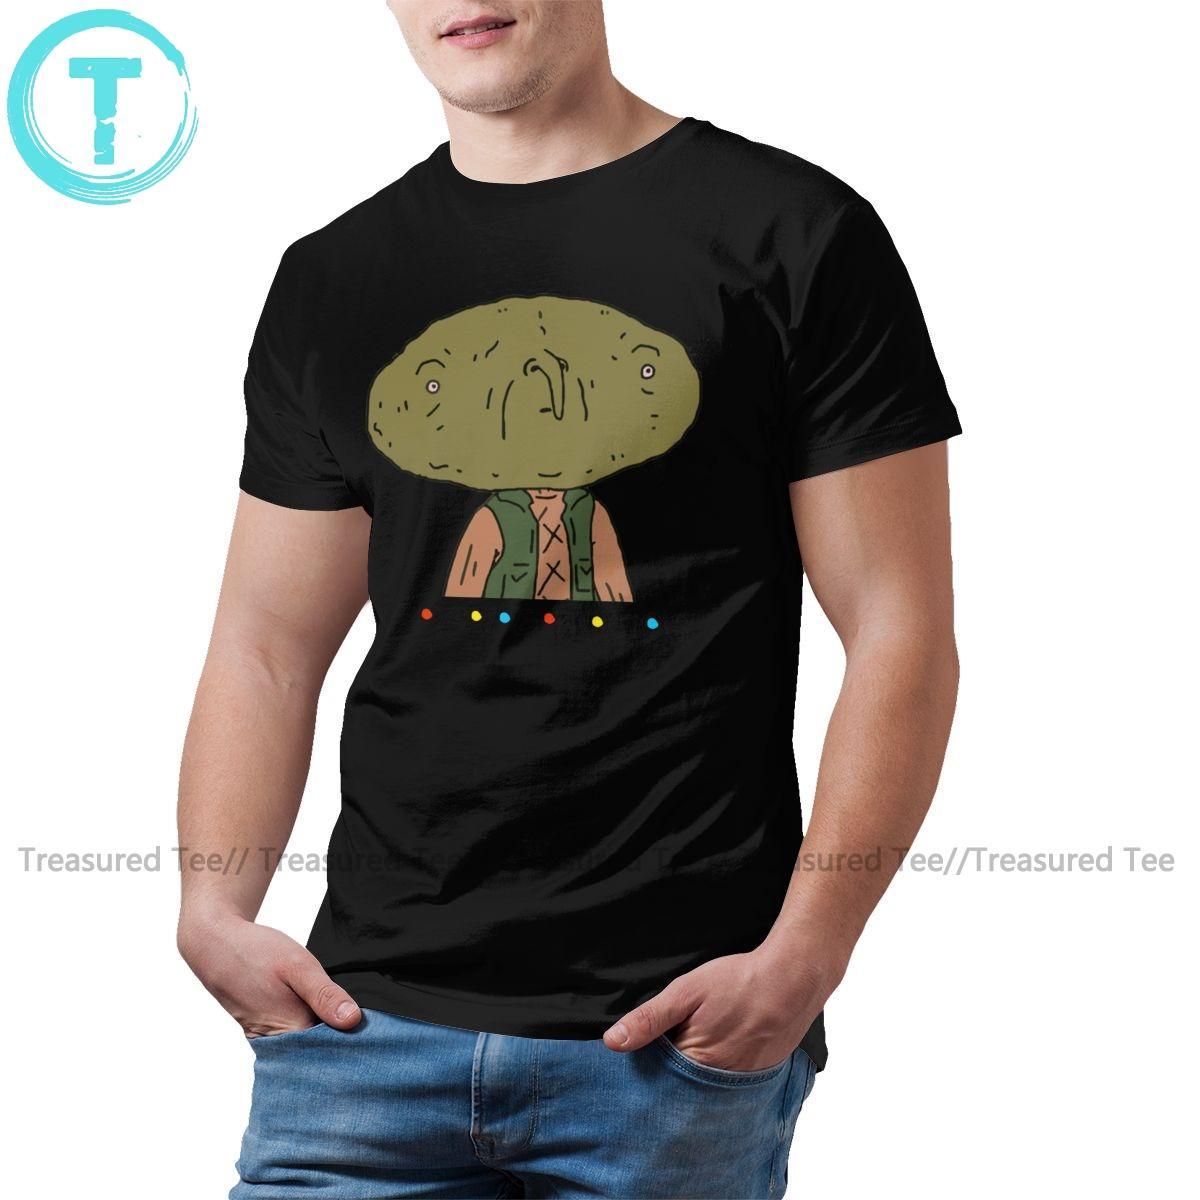 Kartoffel-T-Shirt Clarence T-Shirt Spaß-Basic-T-Shirt mit kurzen Ärmeln Männer 5x 100 Prozent Baumwolle T-Shirt-Druck